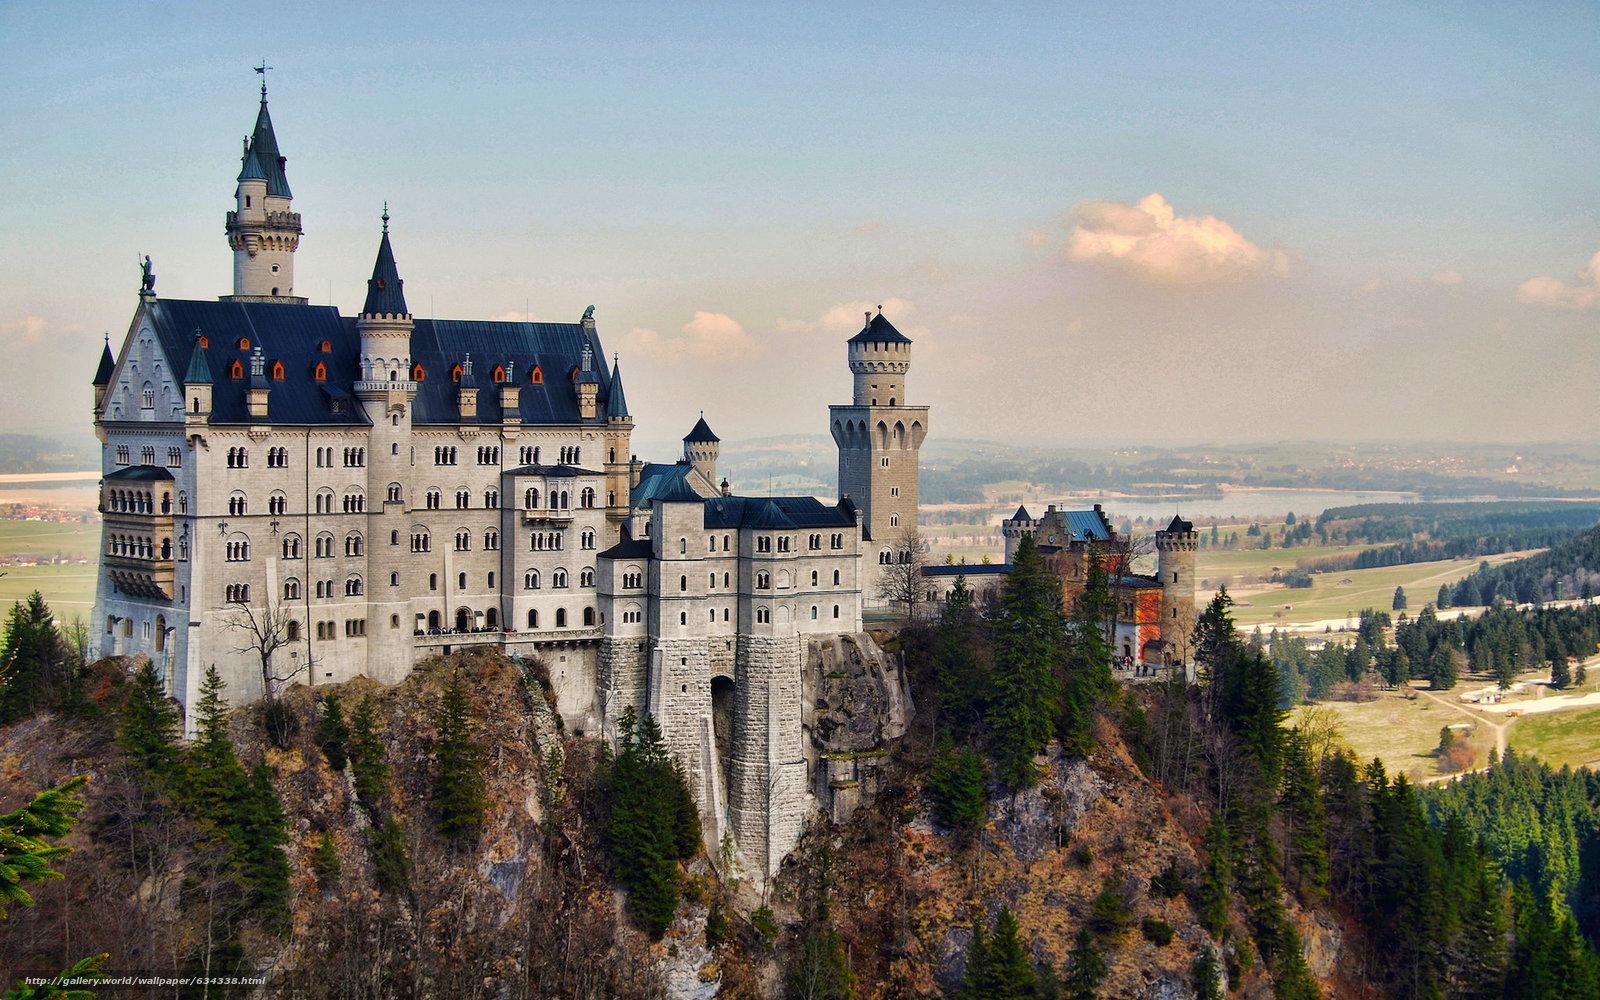 Скачать обои Neuschwanstein Castle,  Bavaria,  Germany,  Замок Нойшванштайн бесплатно для рабочего стола в разрешении 2048x1280 — картинка №634338